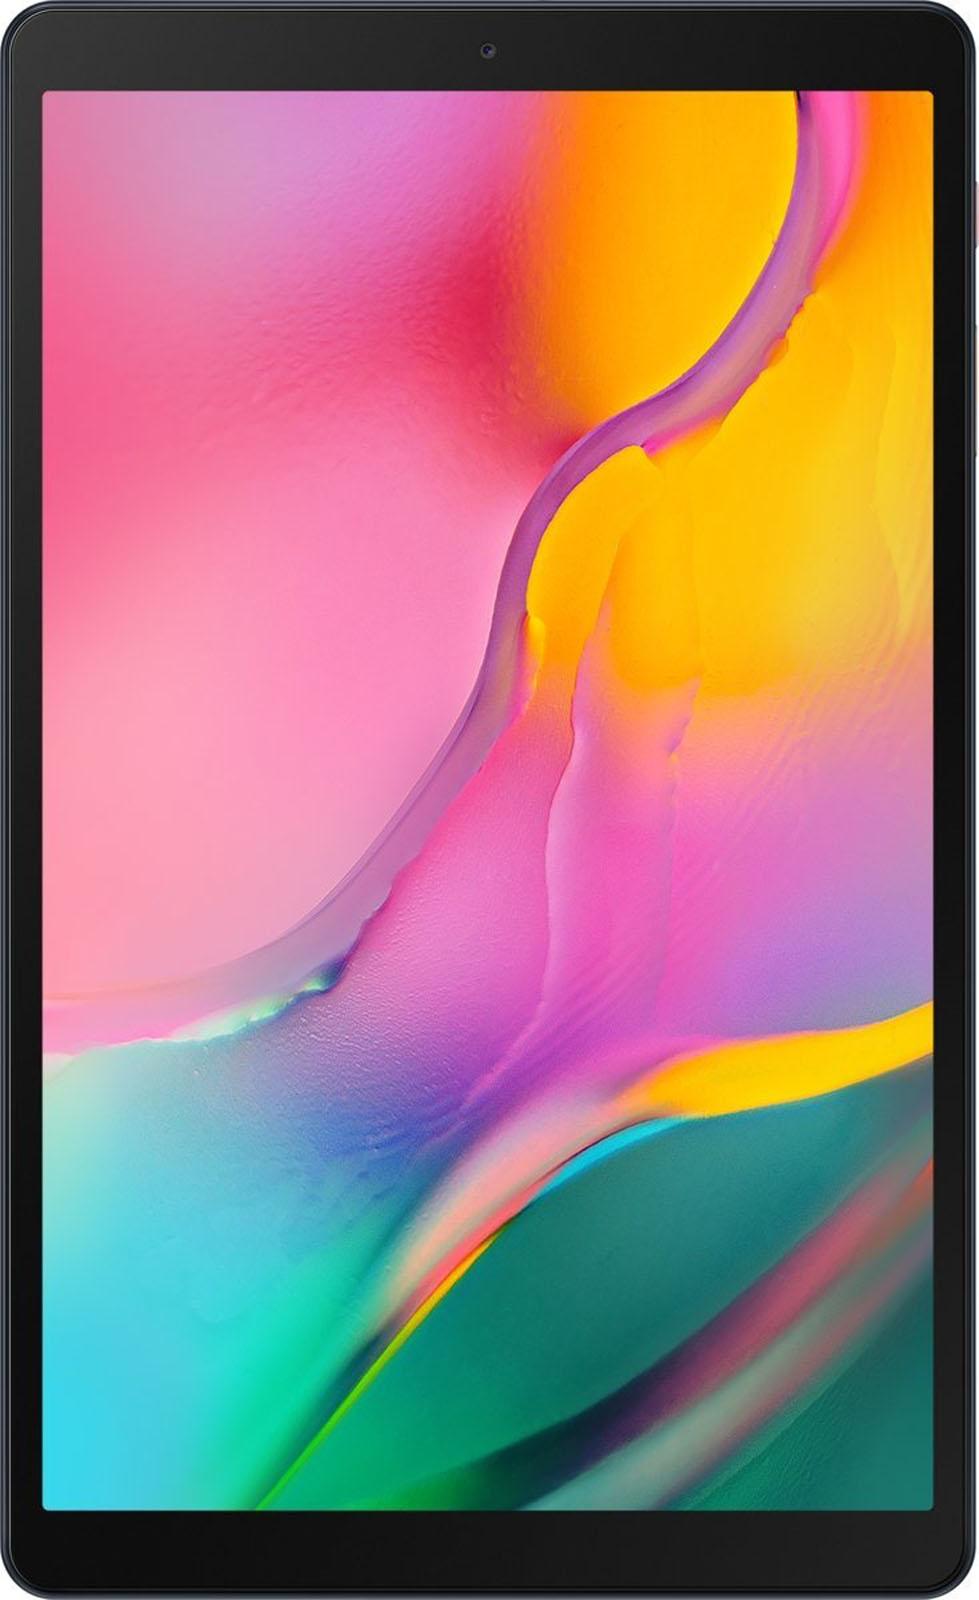 Samsung tablet Galaxy Tab A 10.1 2019 2GB 32GB (Goud)